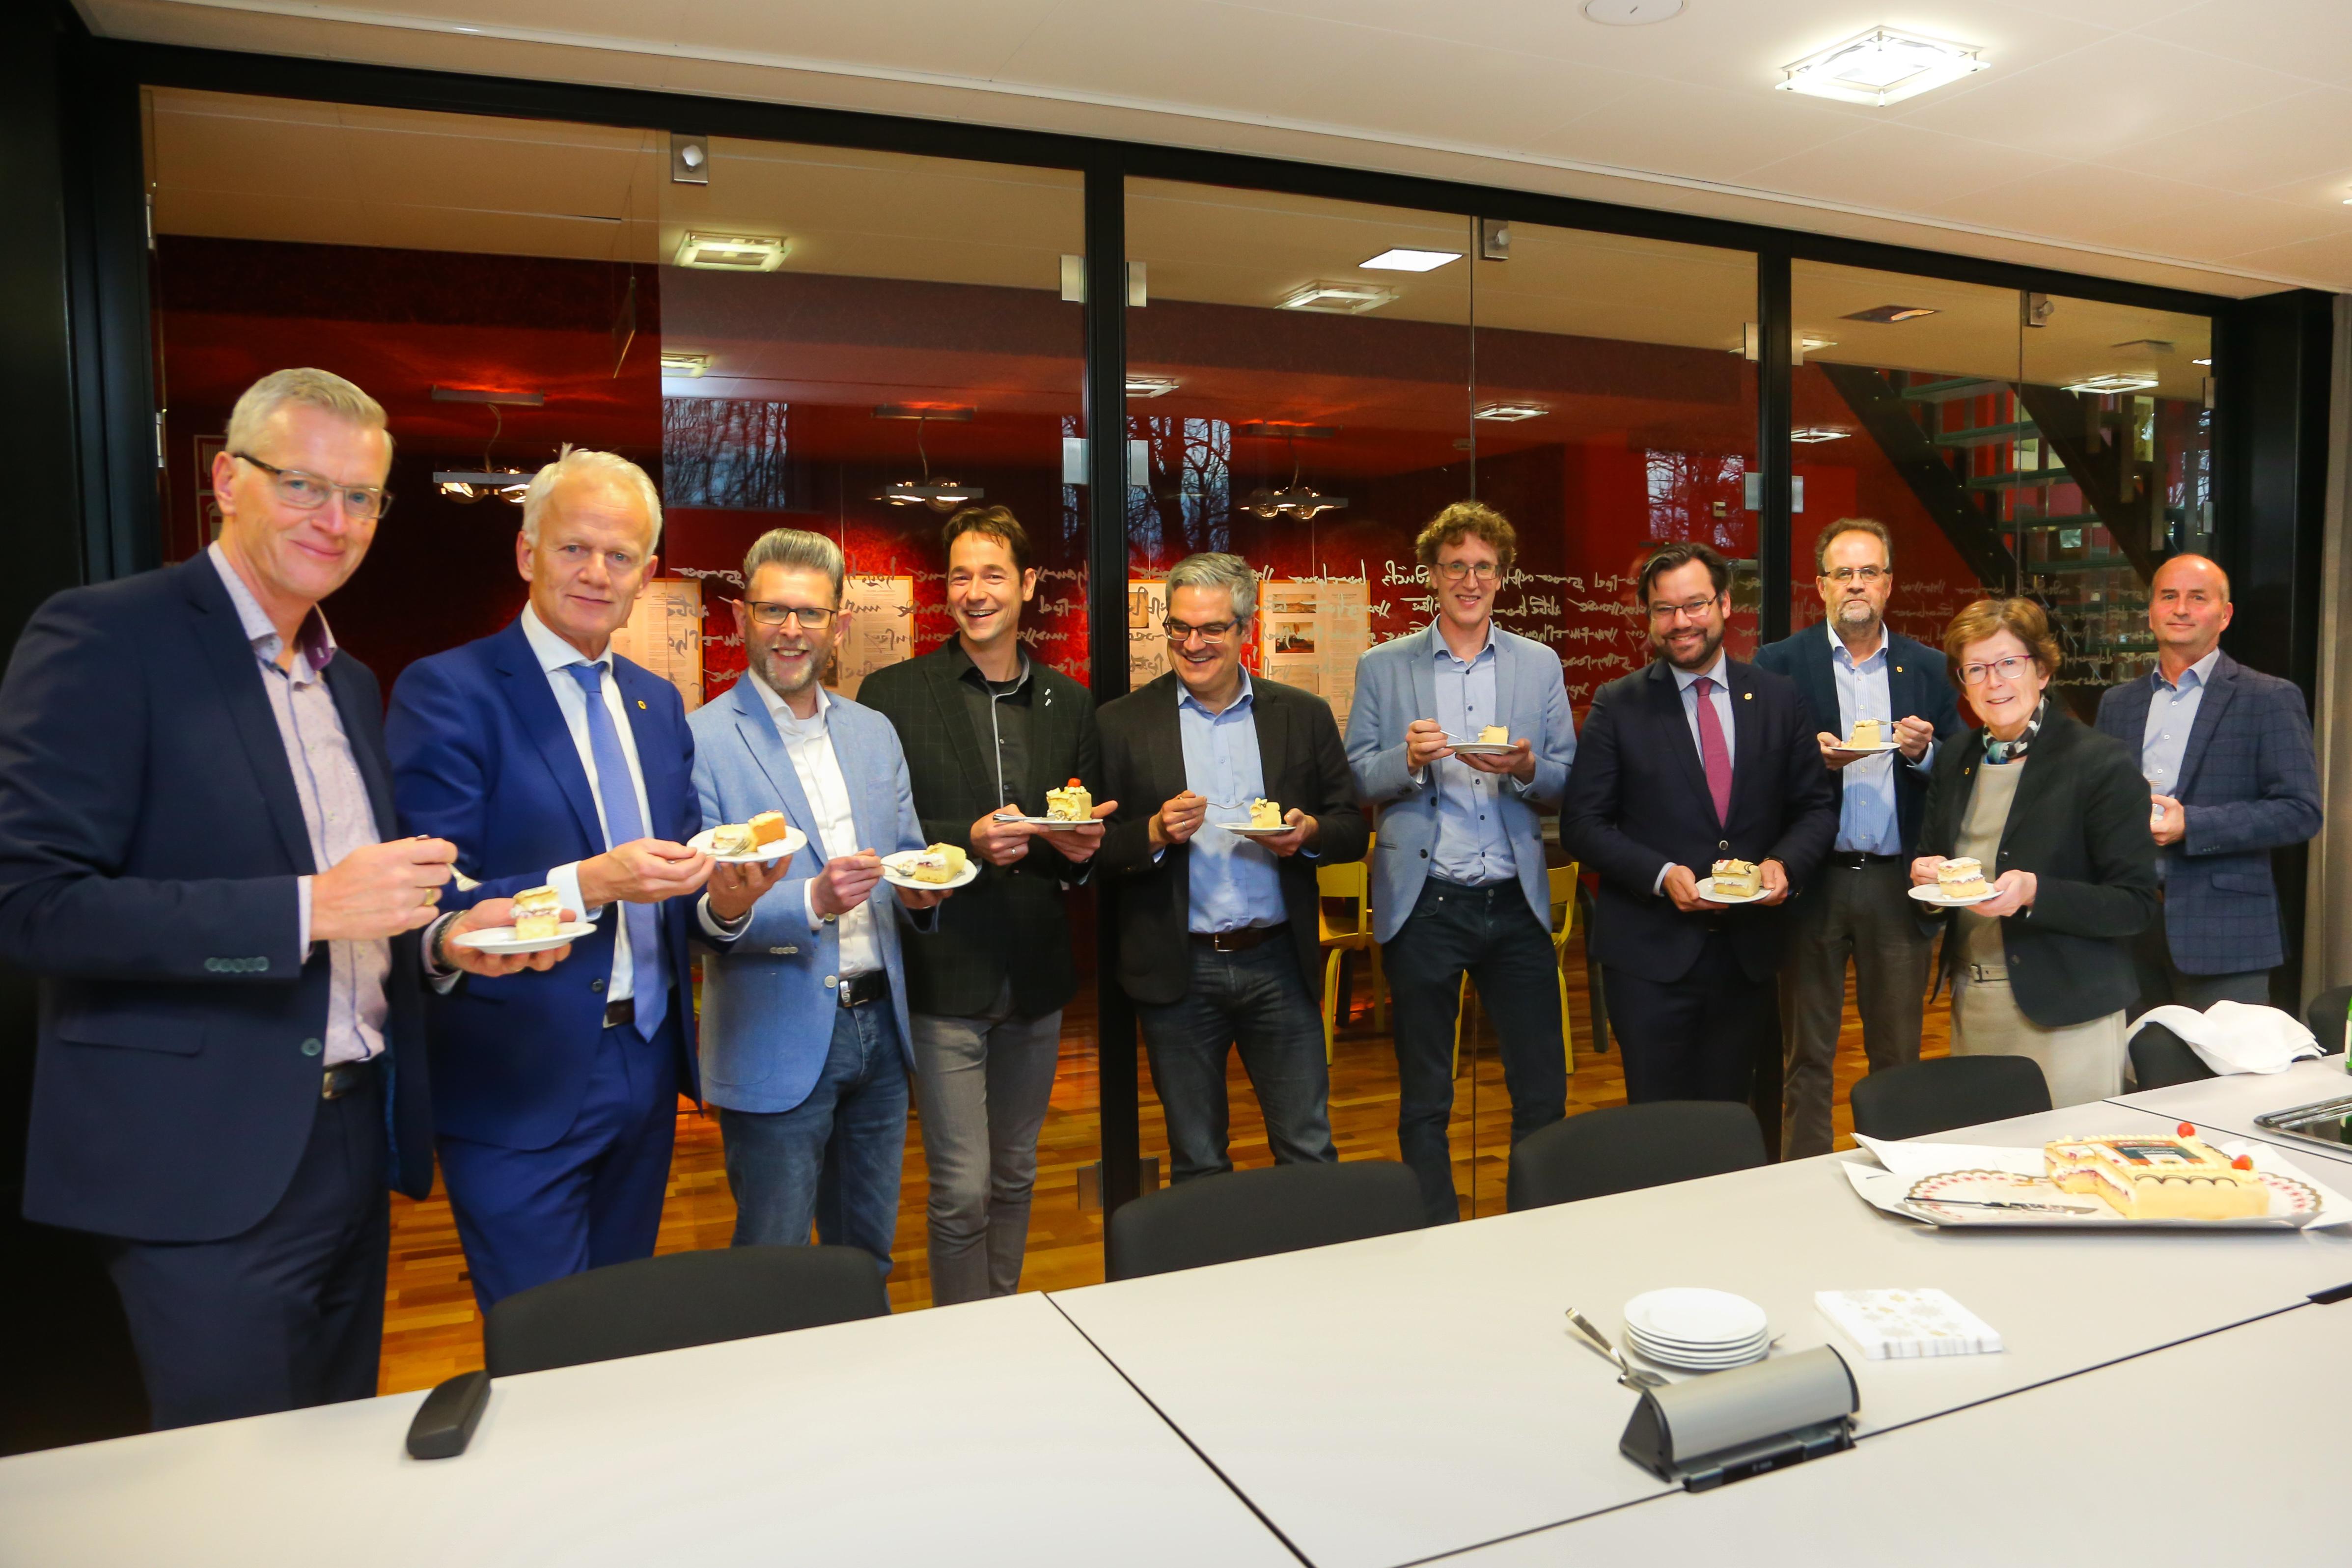 De ondertekening werd door alle betrokkenen gevierd met gebak. (Foto: Marcel Rob)